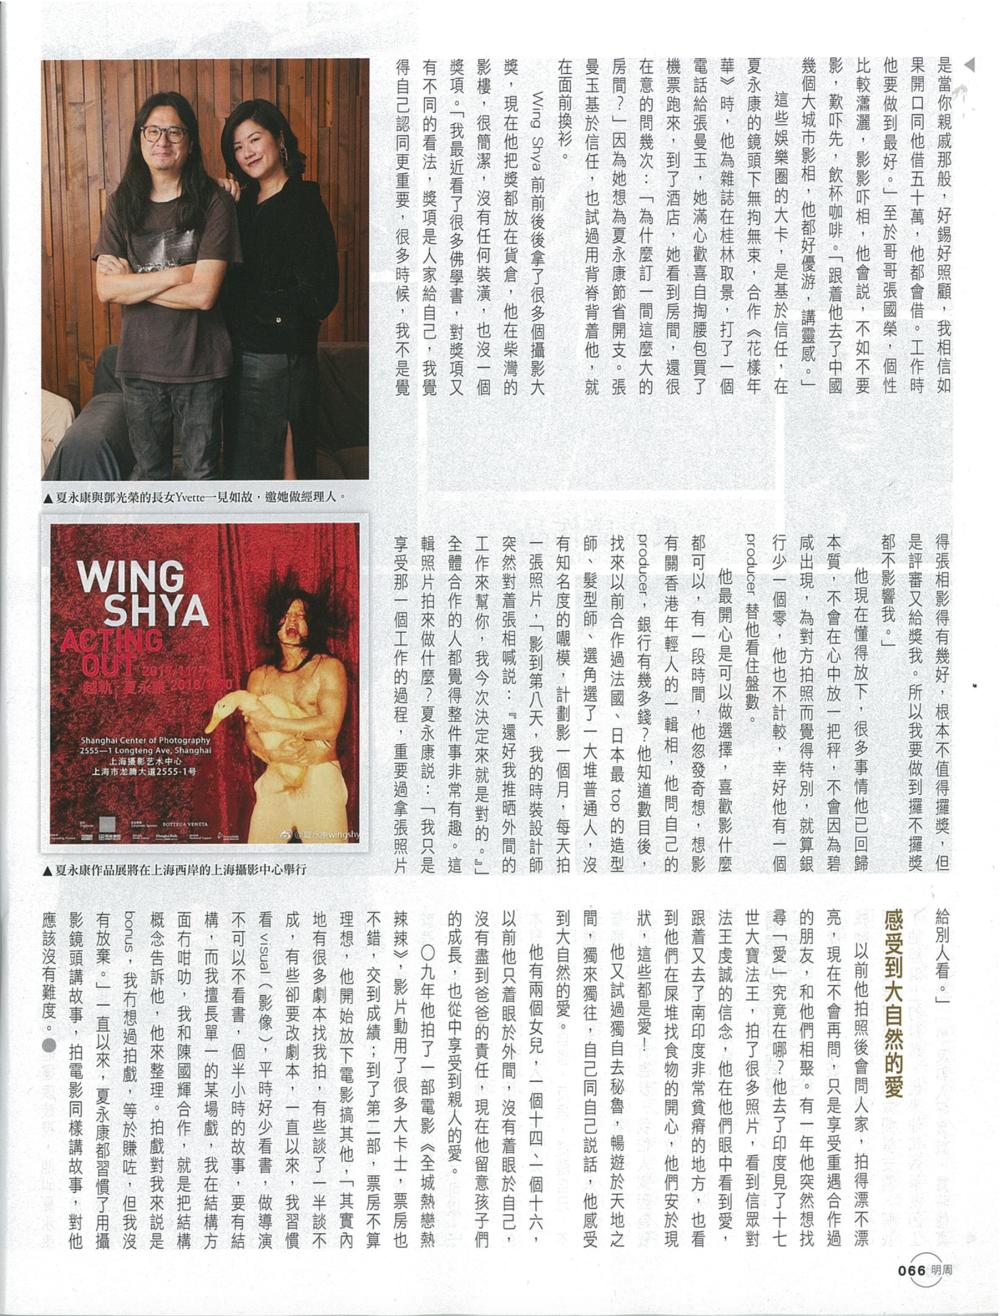 mingpao weekly p5.png